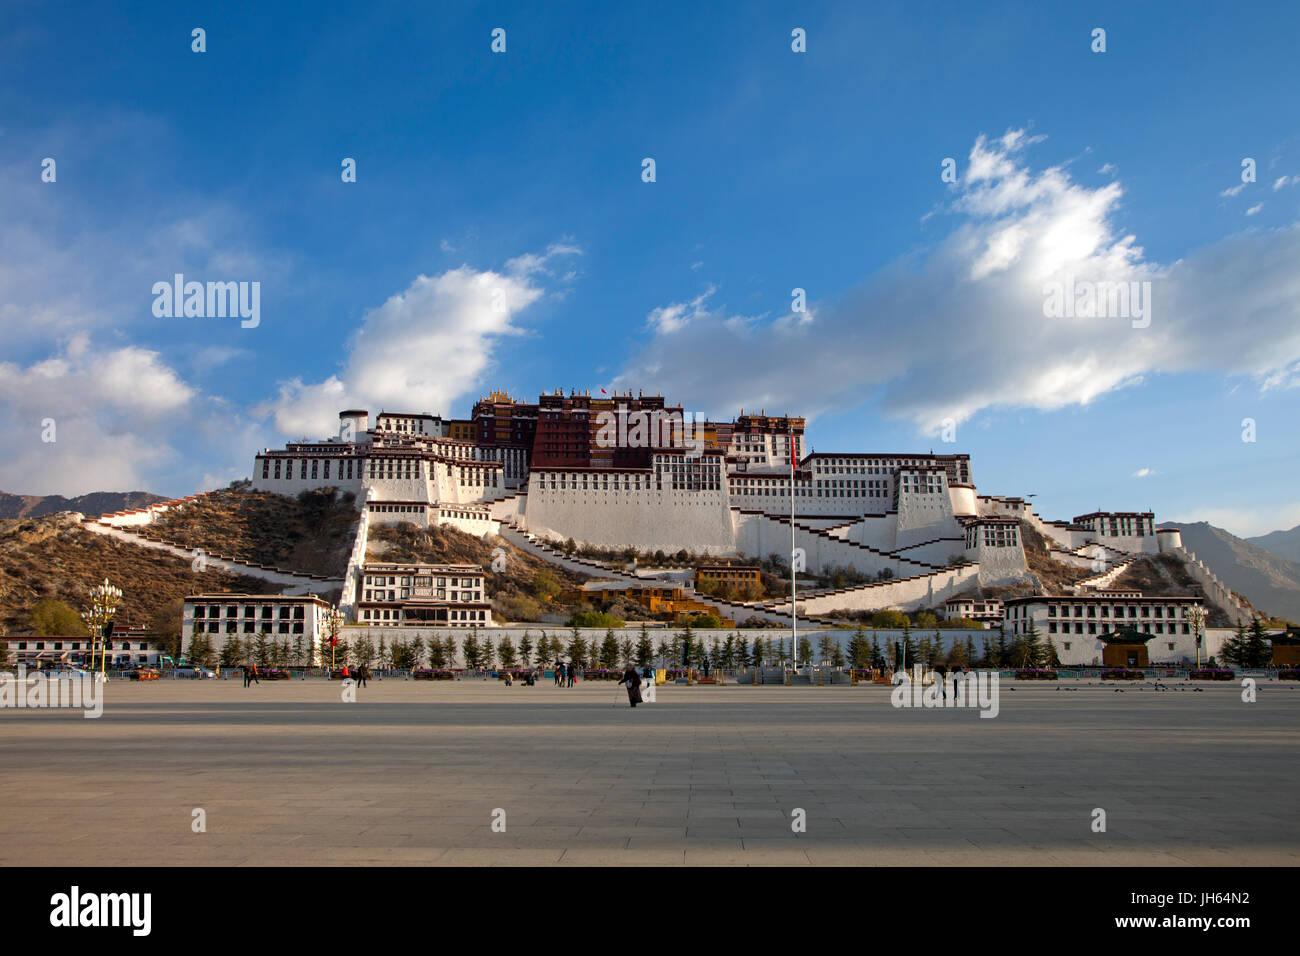 Il palazzo del Potala,Lhasa,il Tibet, Cina Immagini Stock